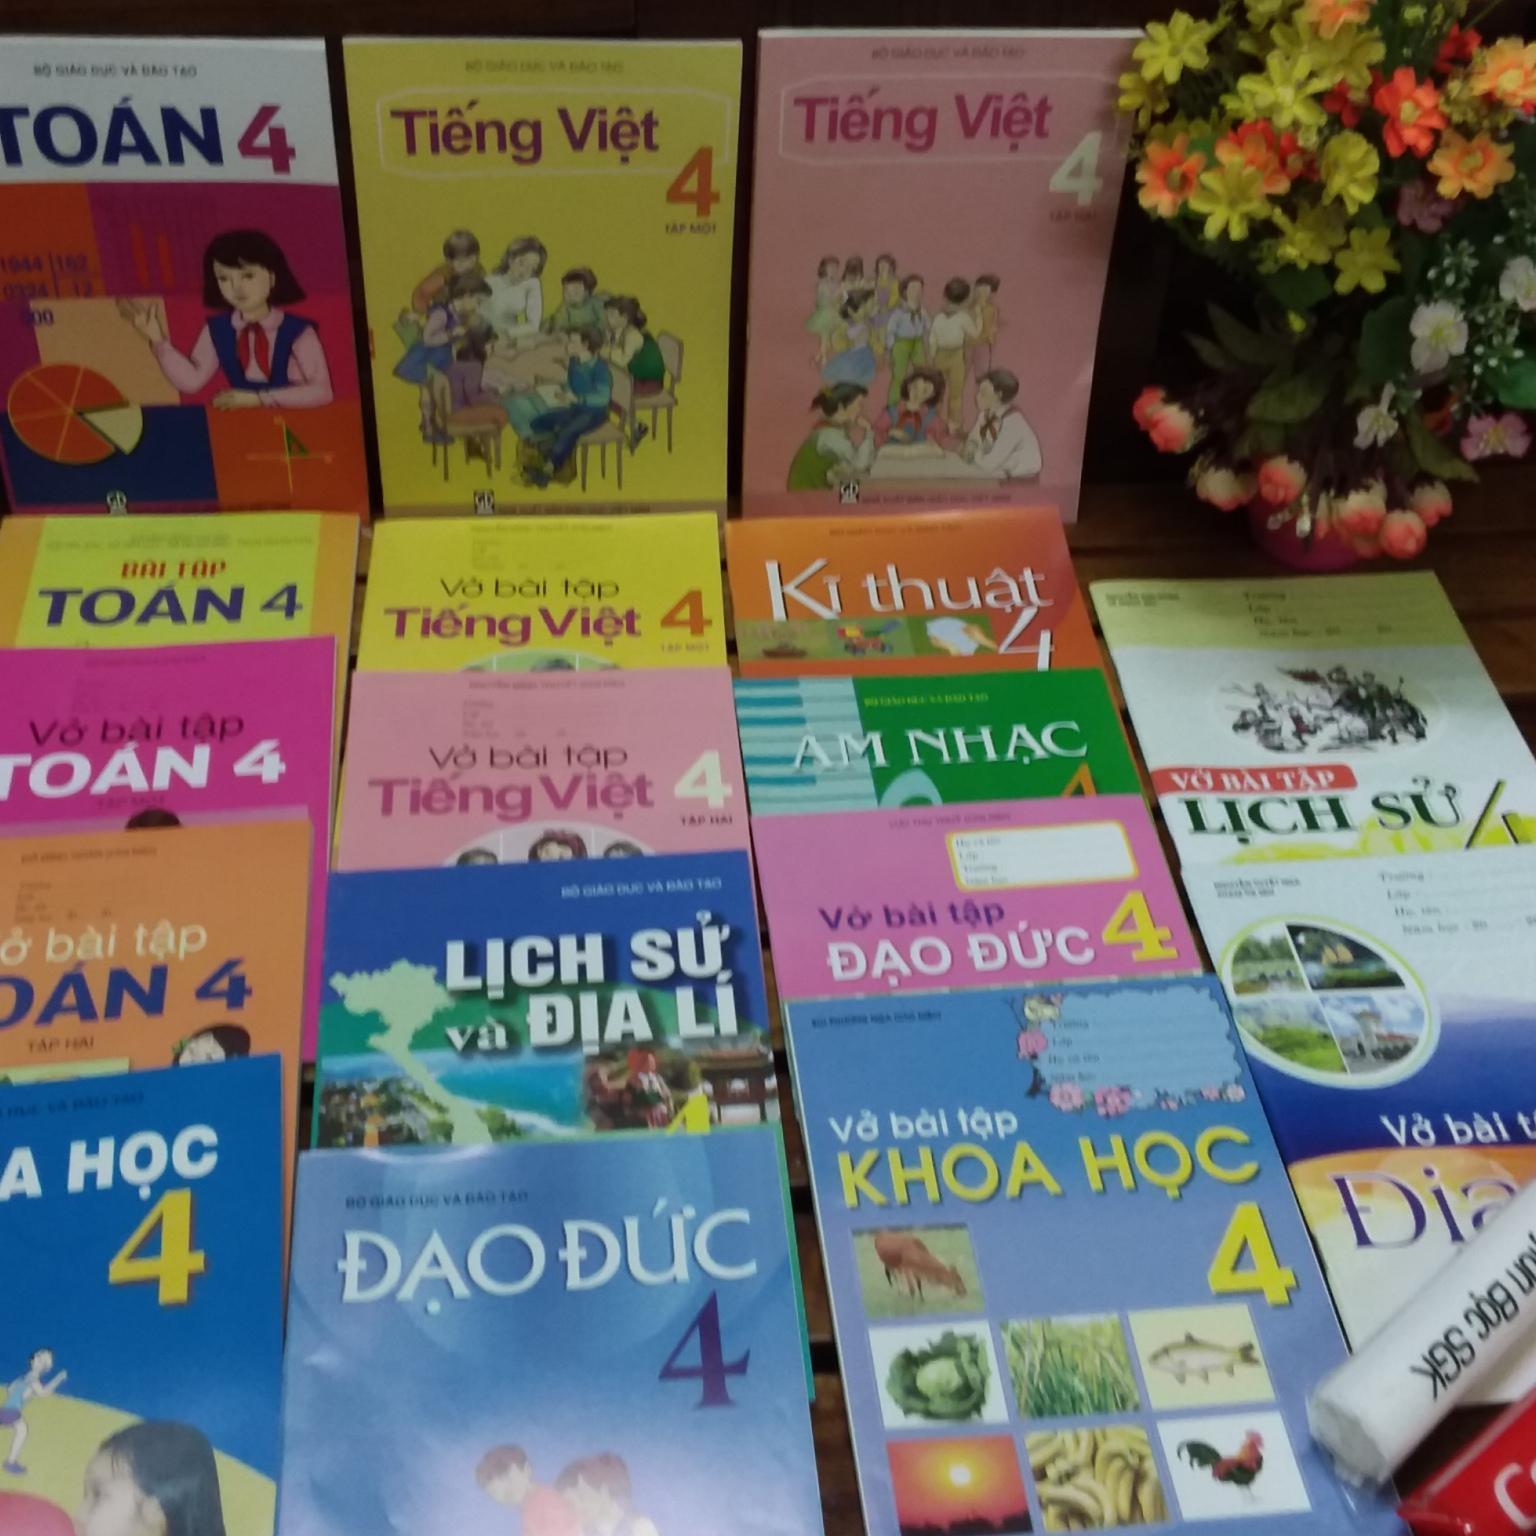 Mua Bộ sách giáo khoa lớp 4 ( sách + bài tập gồm 17 cuốn + 2 tập bọc sách giáo khoa )